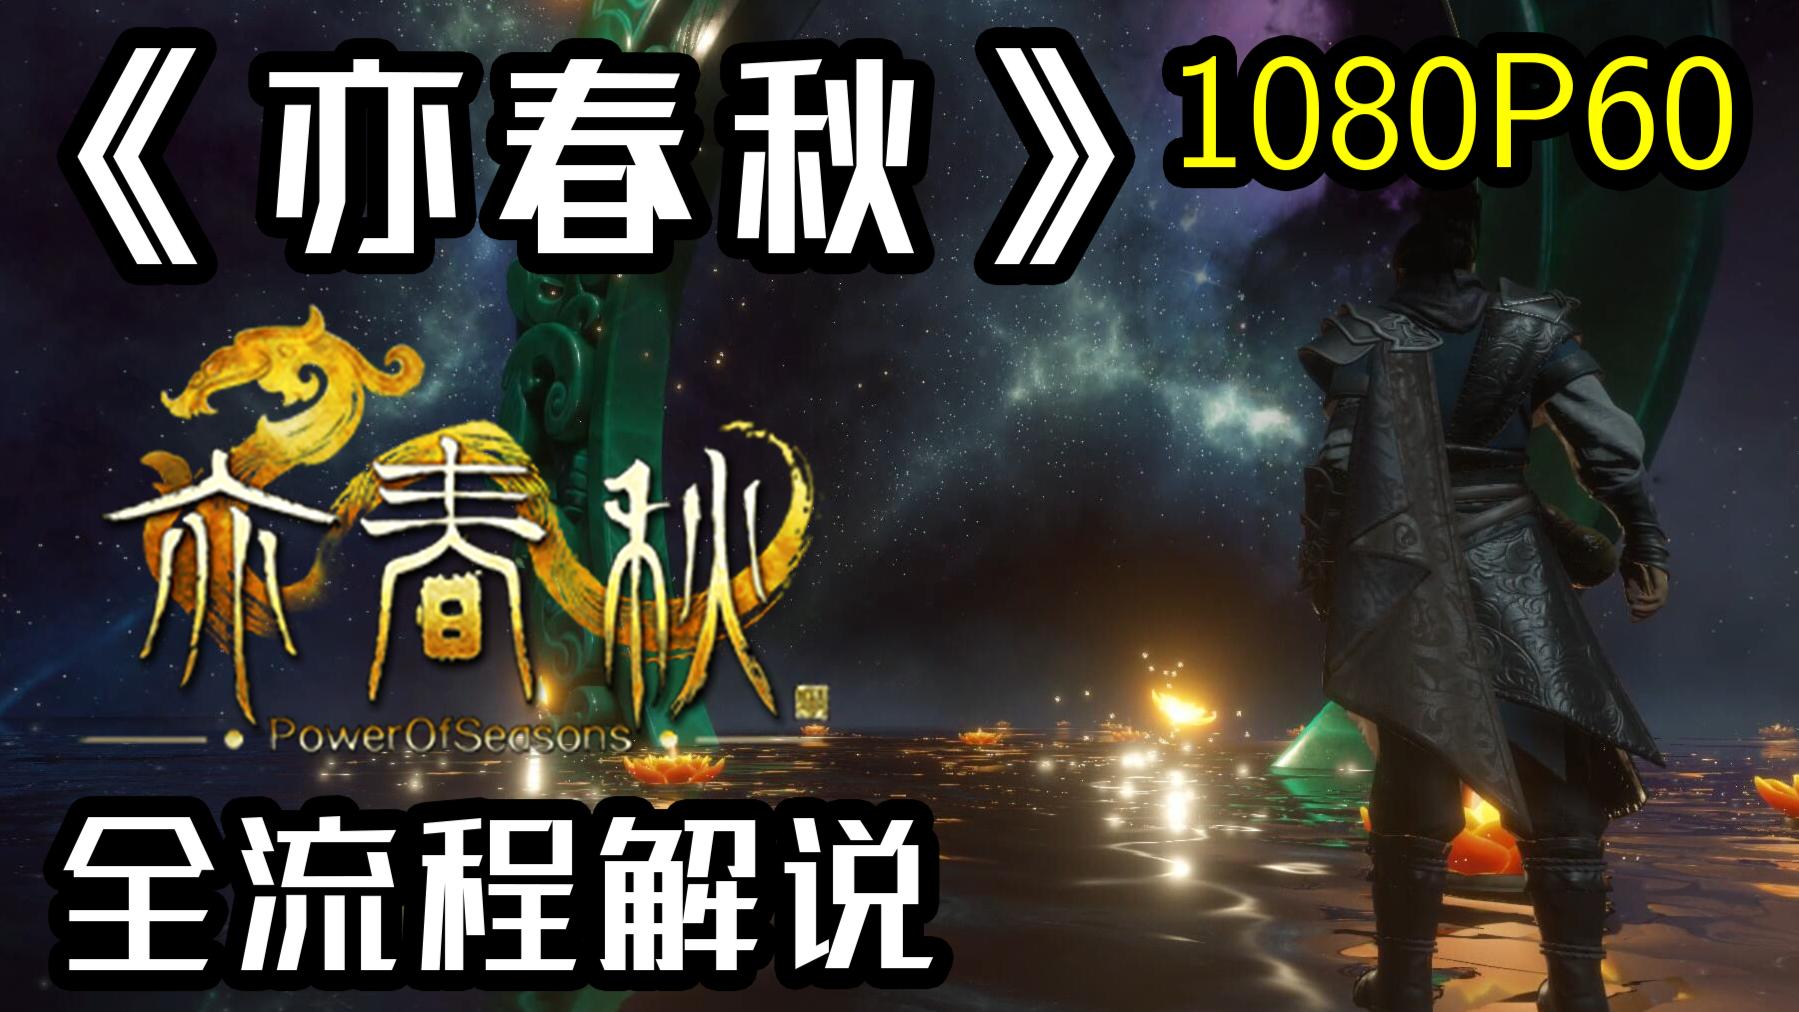 【独家】国产独立游戏新作《亦春秋》全流程解说(合集)(持续更新中)【QPC】